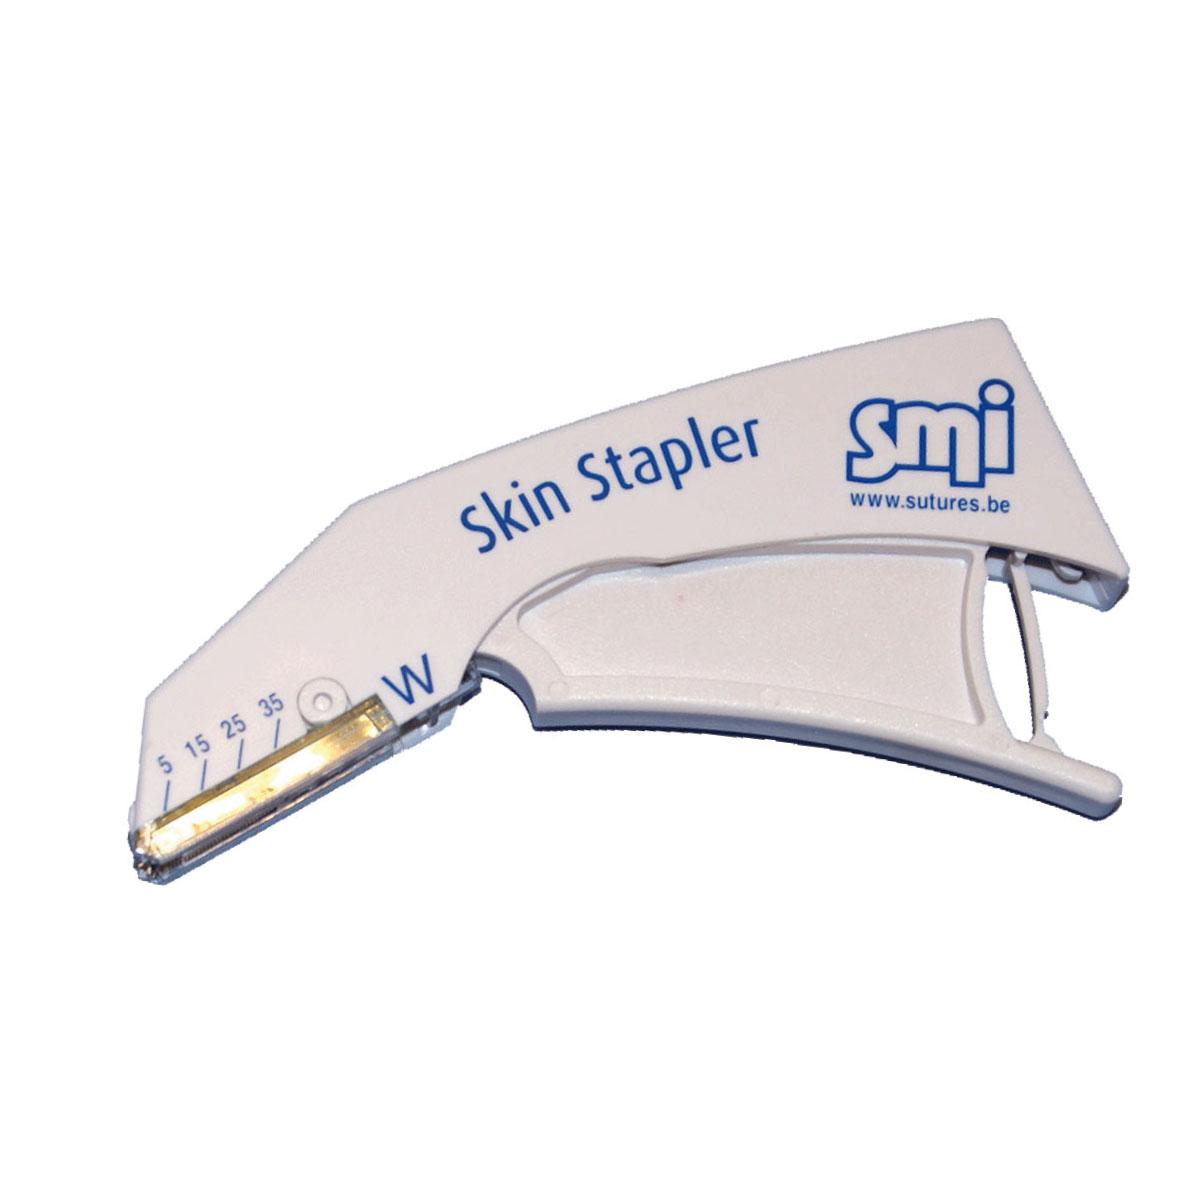 SMI Disposable Skin Stapler